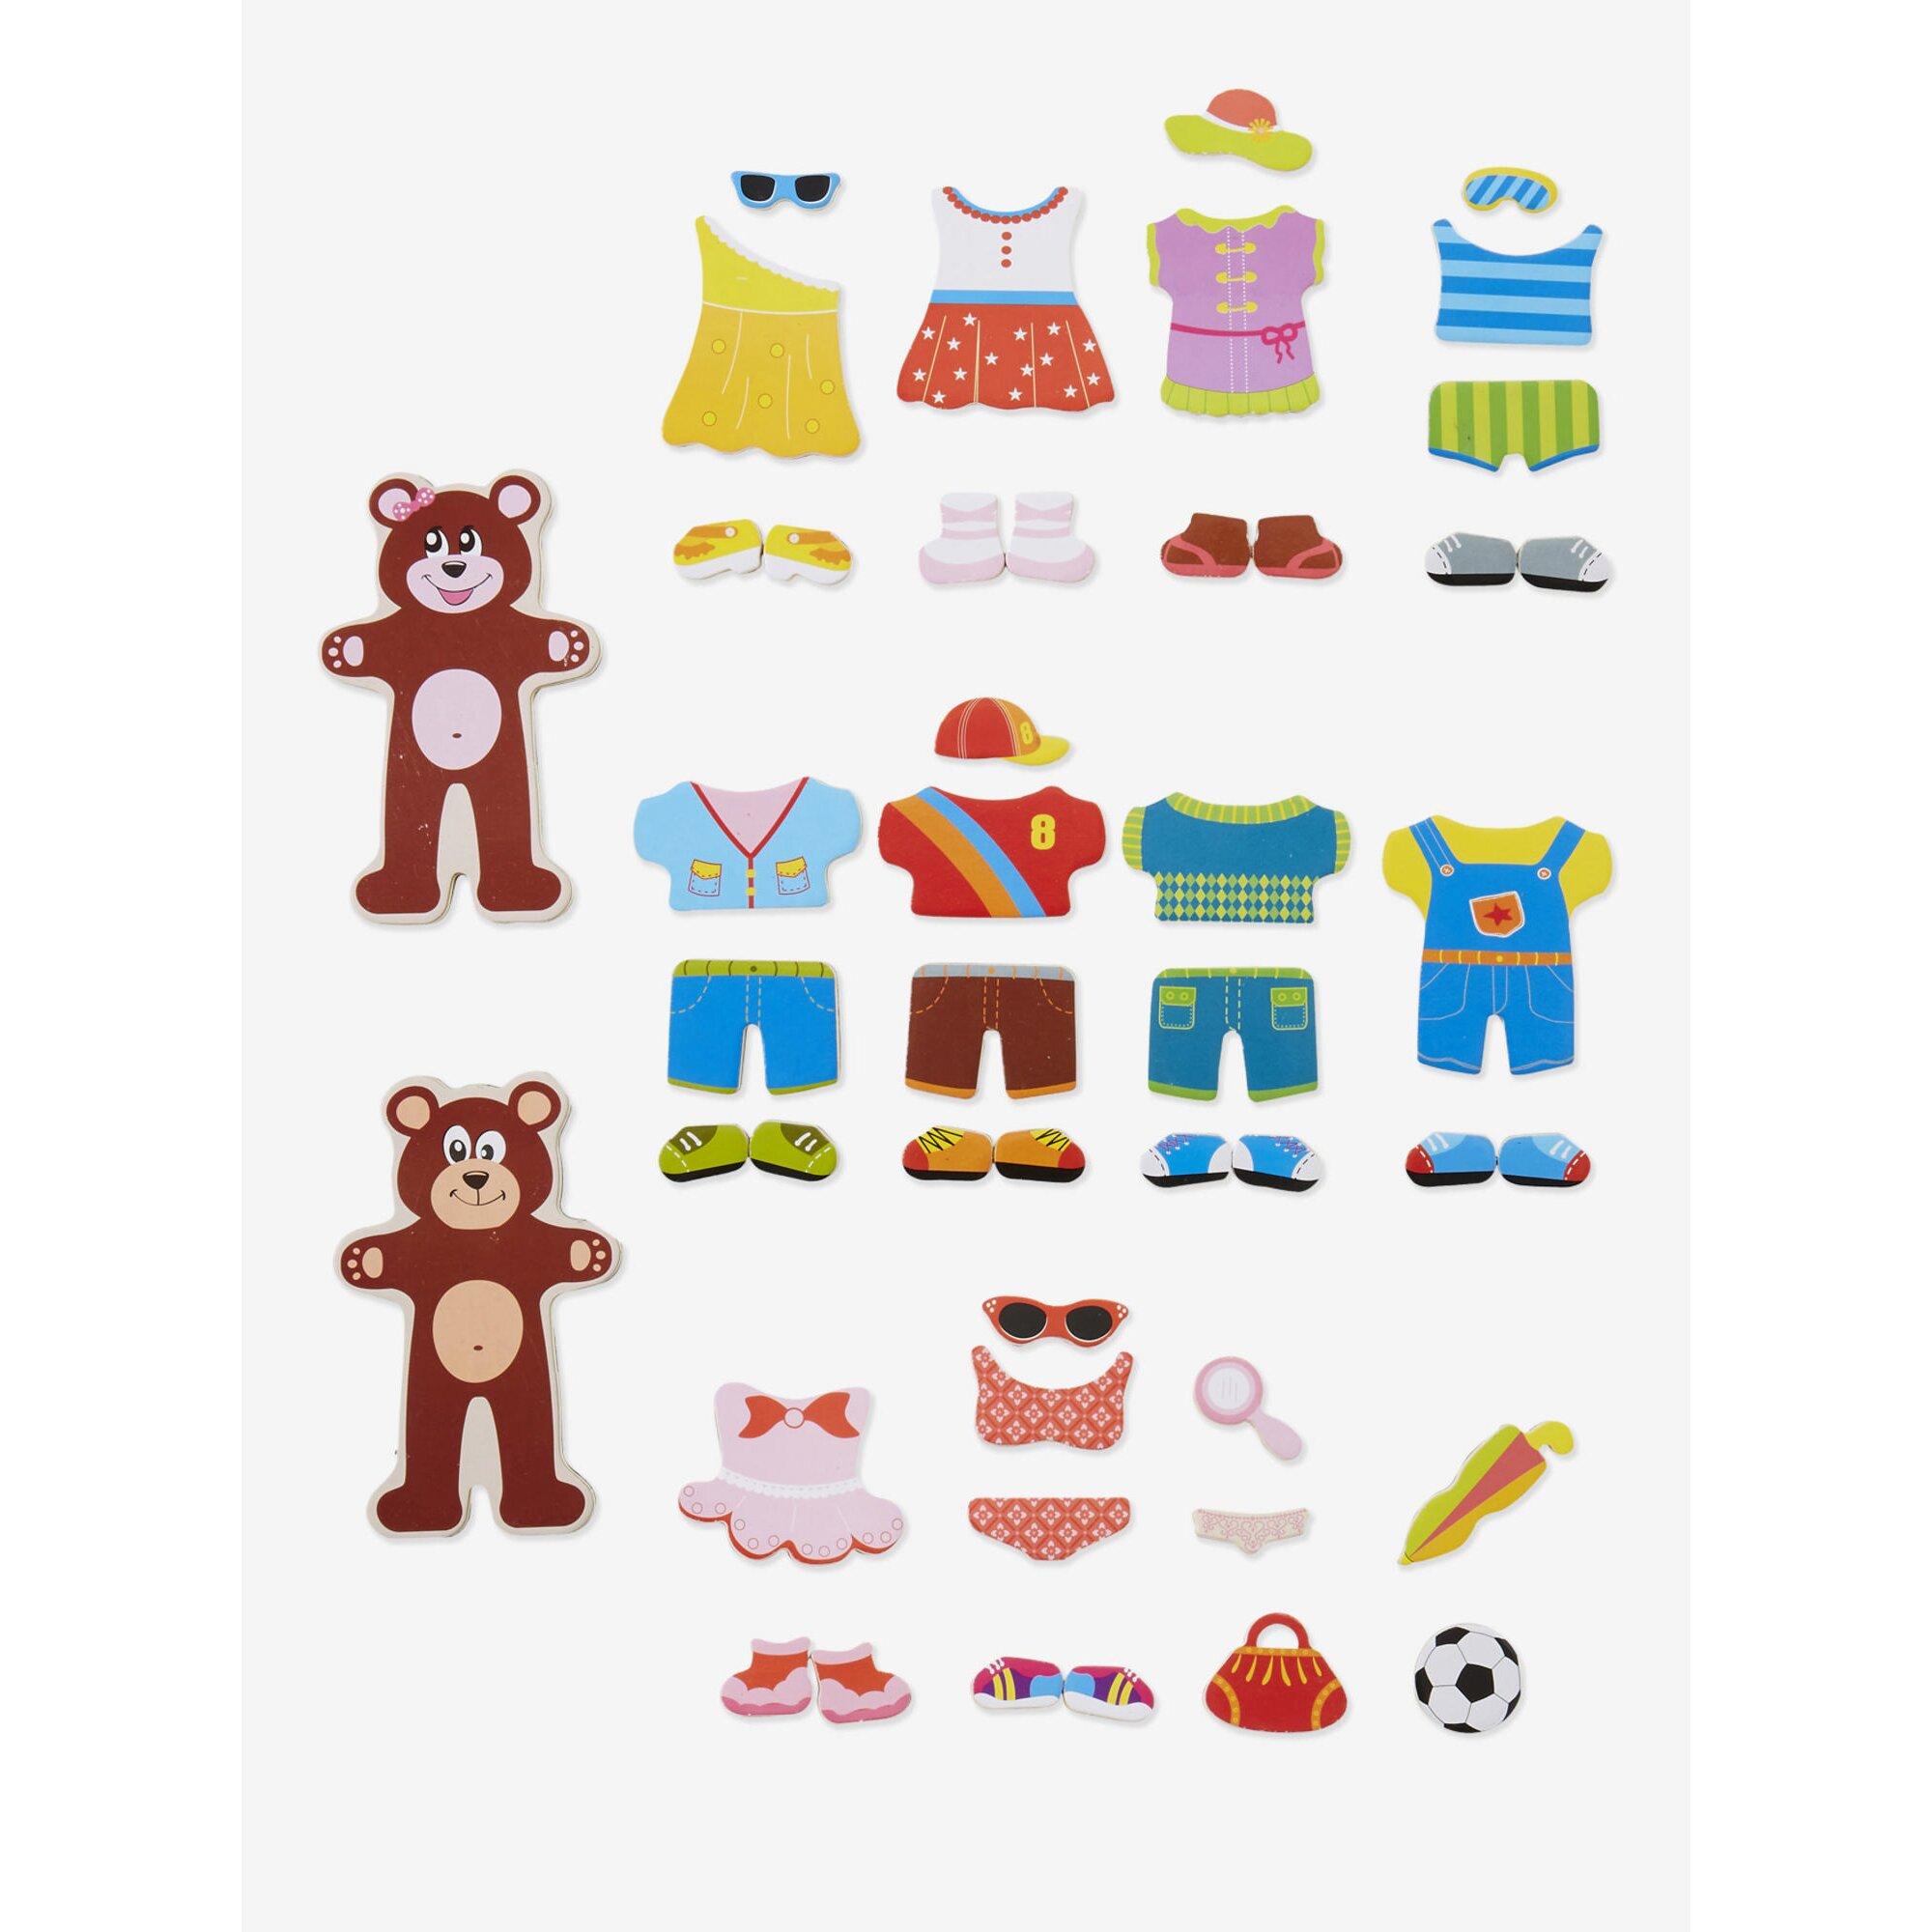 vertbaudet-anzieh-magnetspiel-teddy-47-teile, 19.99 EUR @ babywalz-de